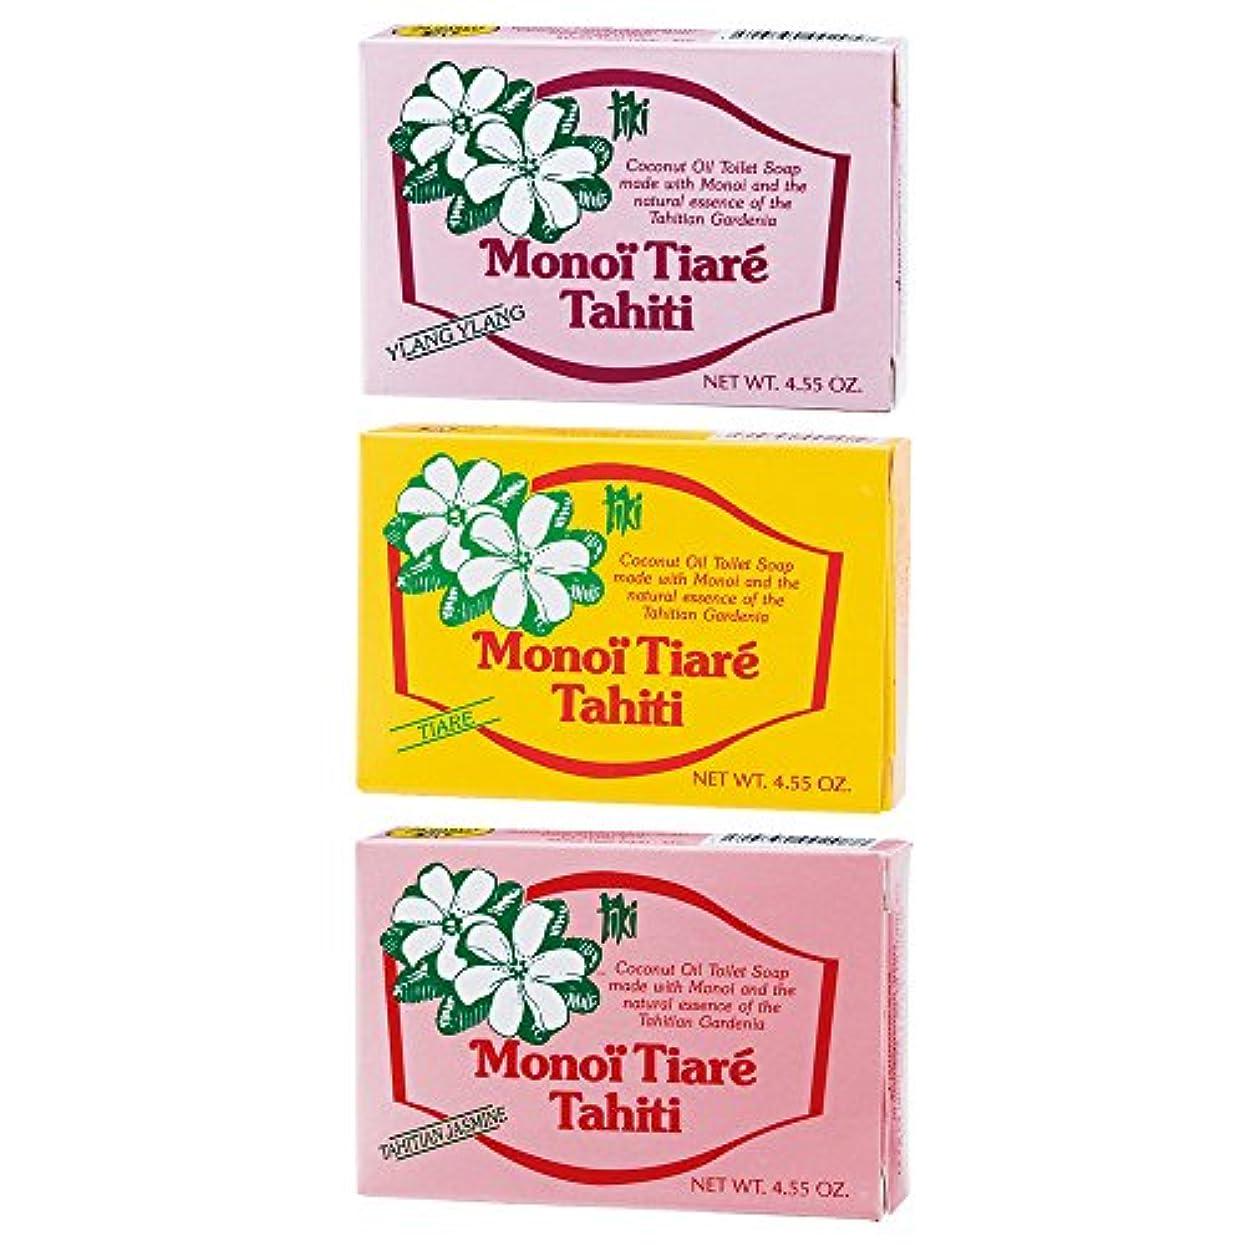 花弁不満要件タヒチお土産 タヒチ モノイティアレ 石けん 3種セット